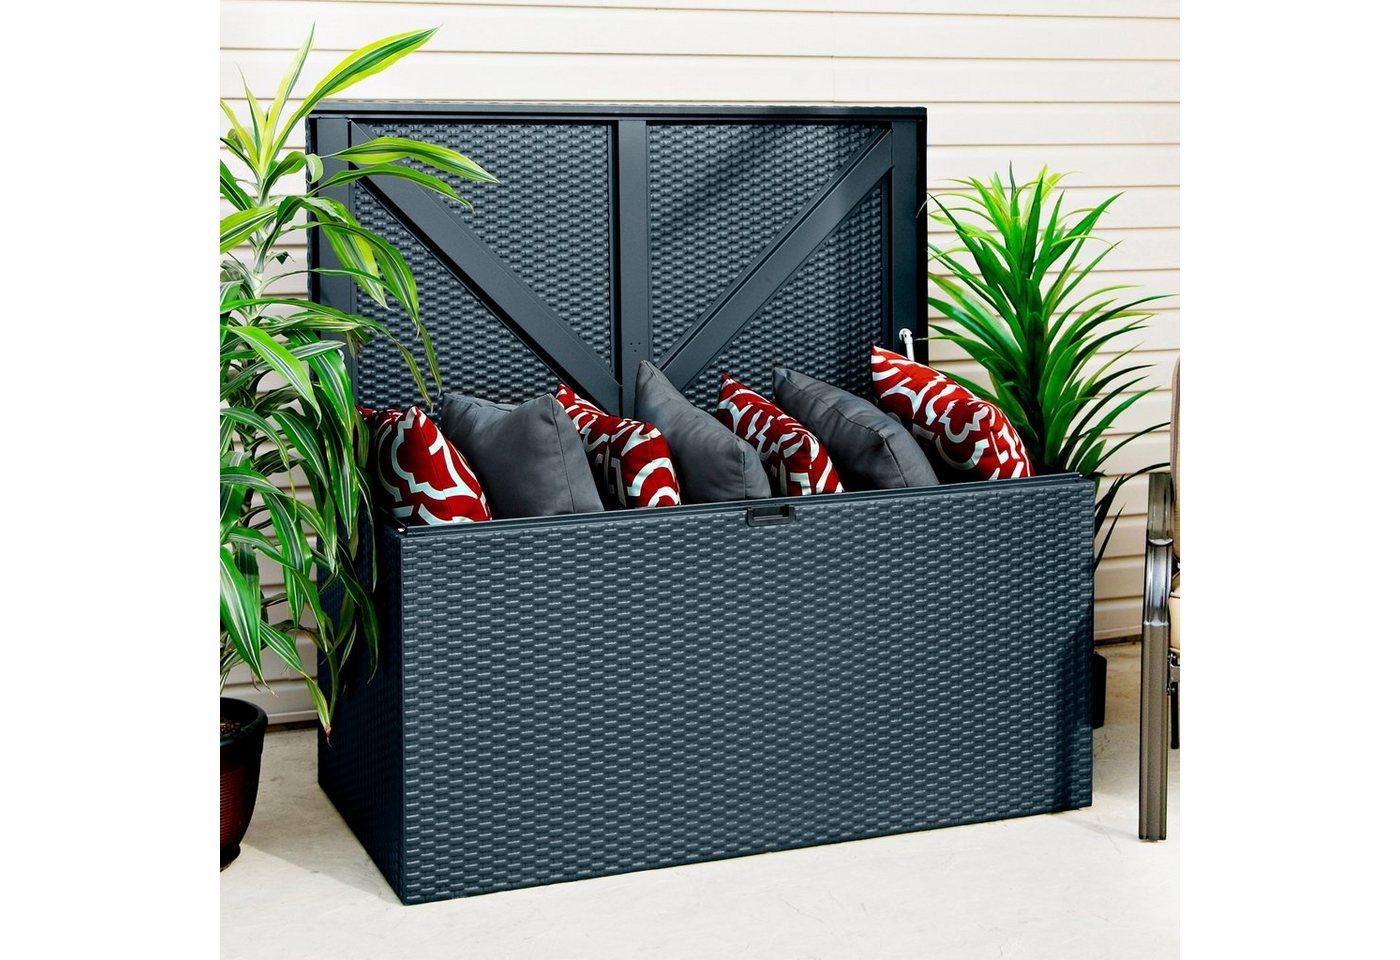 auflagenbox anthrazit machen sie den preisvergleich bei nextag. Black Bedroom Furniture Sets. Home Design Ideas